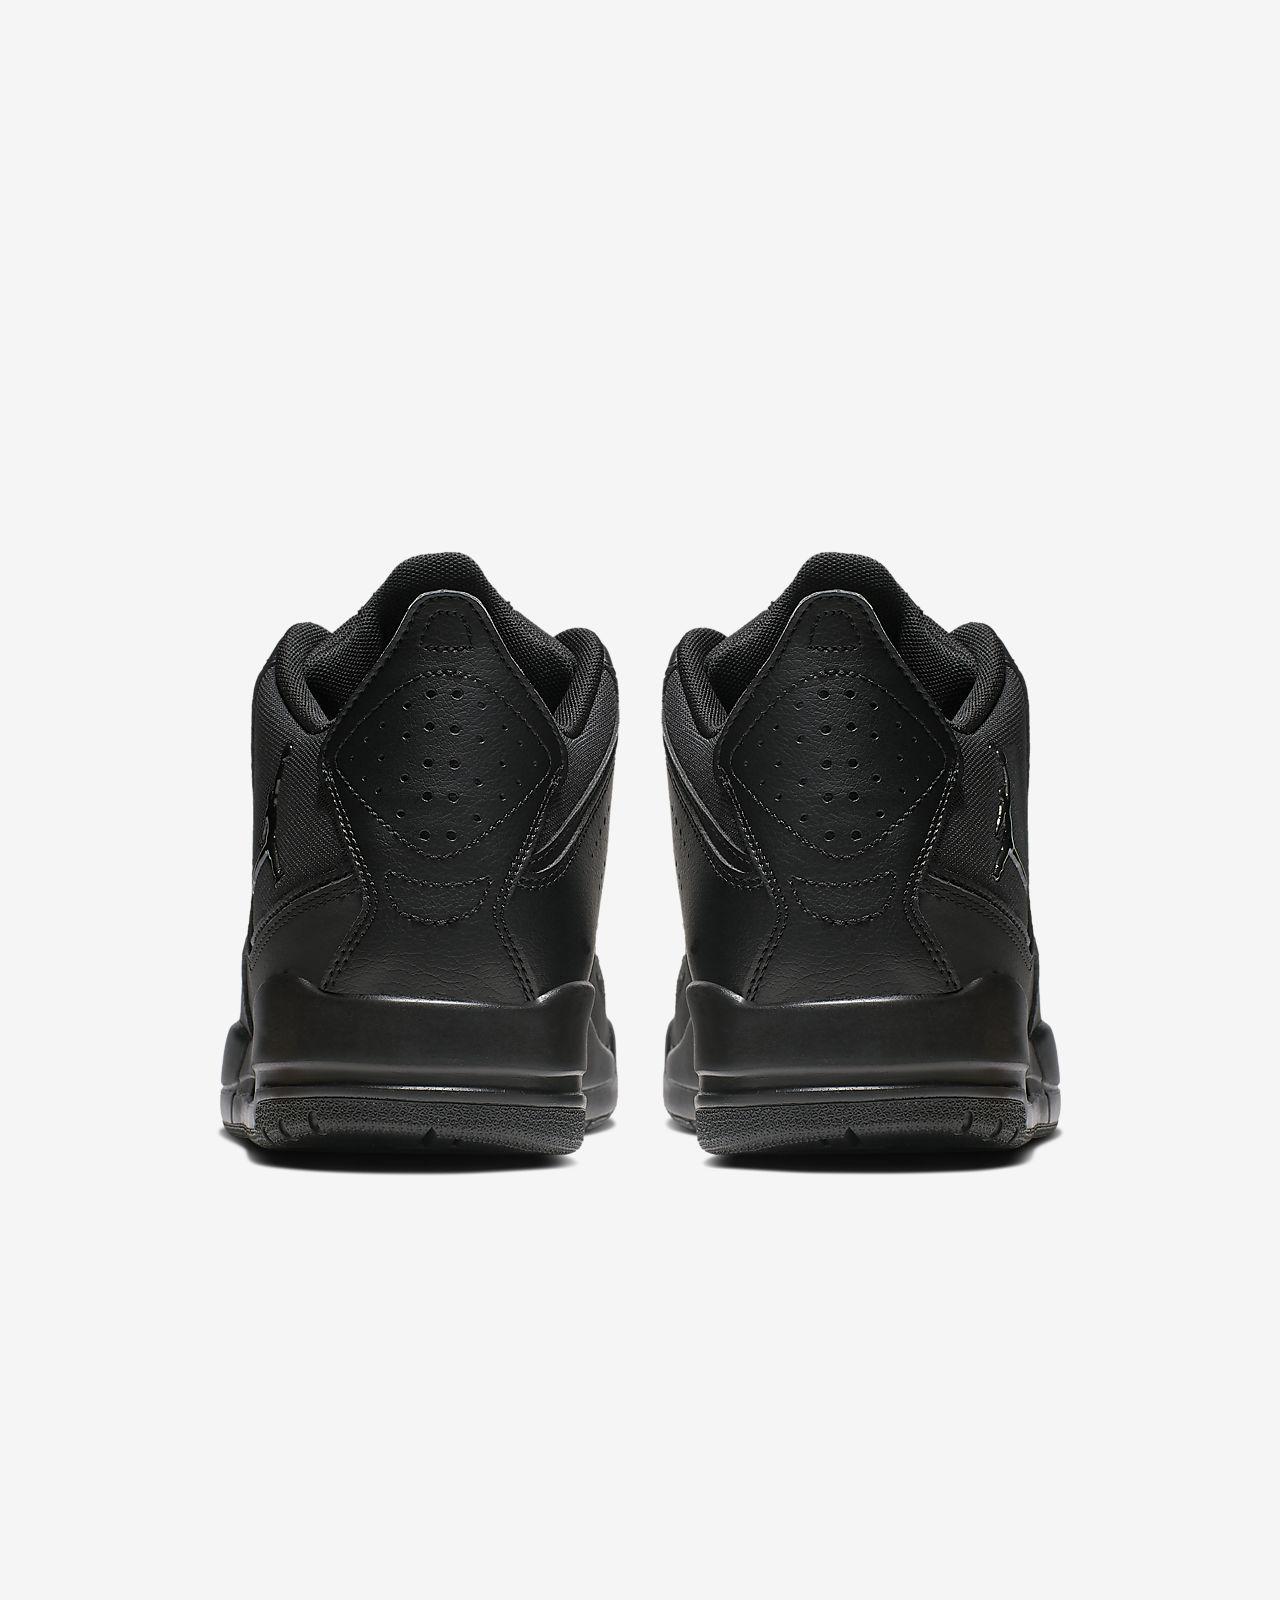 Royaume-Uni disponibilité 3c366 caf2d Homme Jordan 23 Pour Chaussure Courtside Fcu3lTK1J